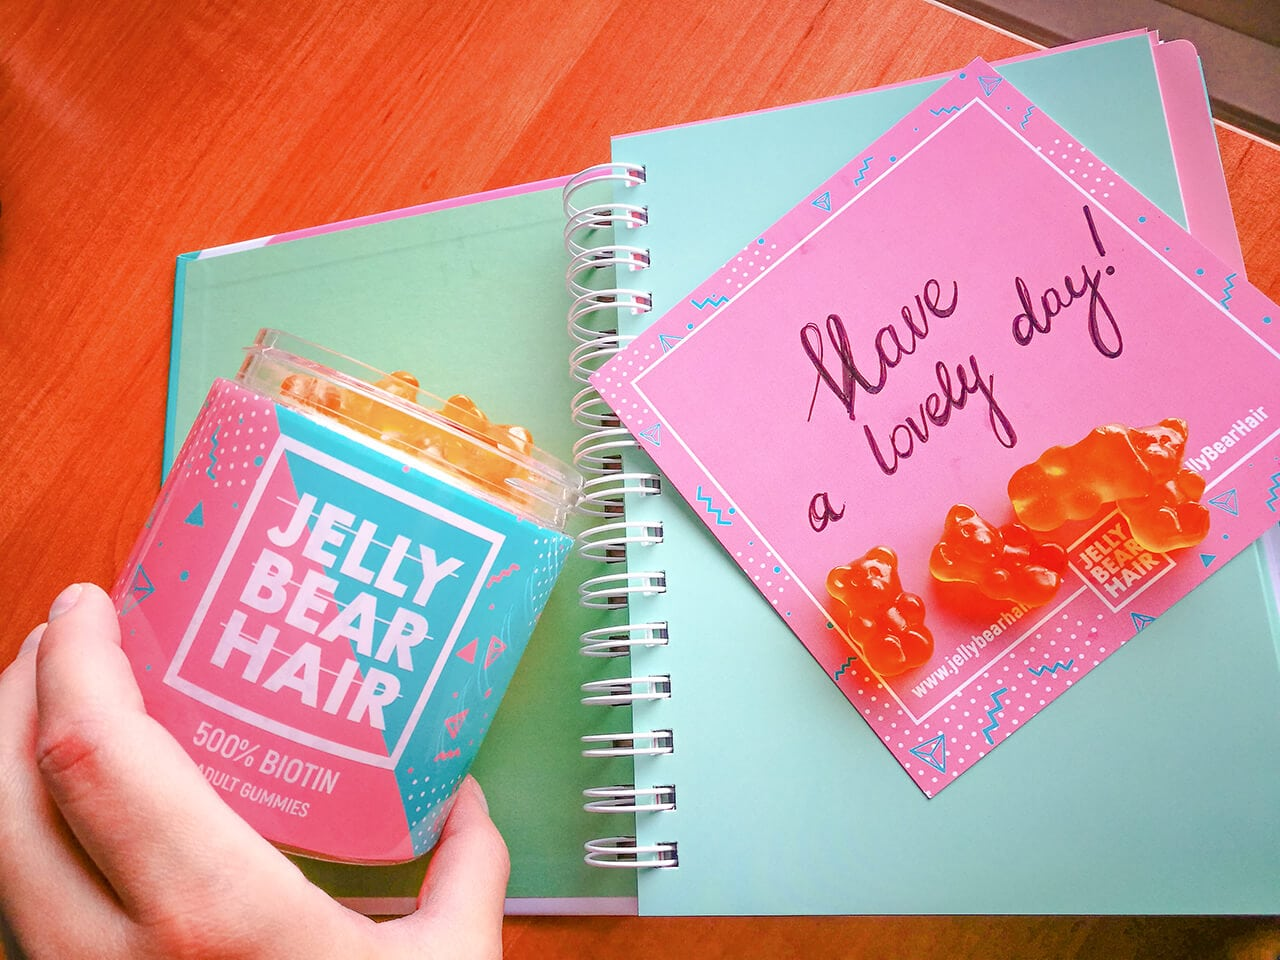 Integratore per capelli sani Jelly Bear Hair: recensione